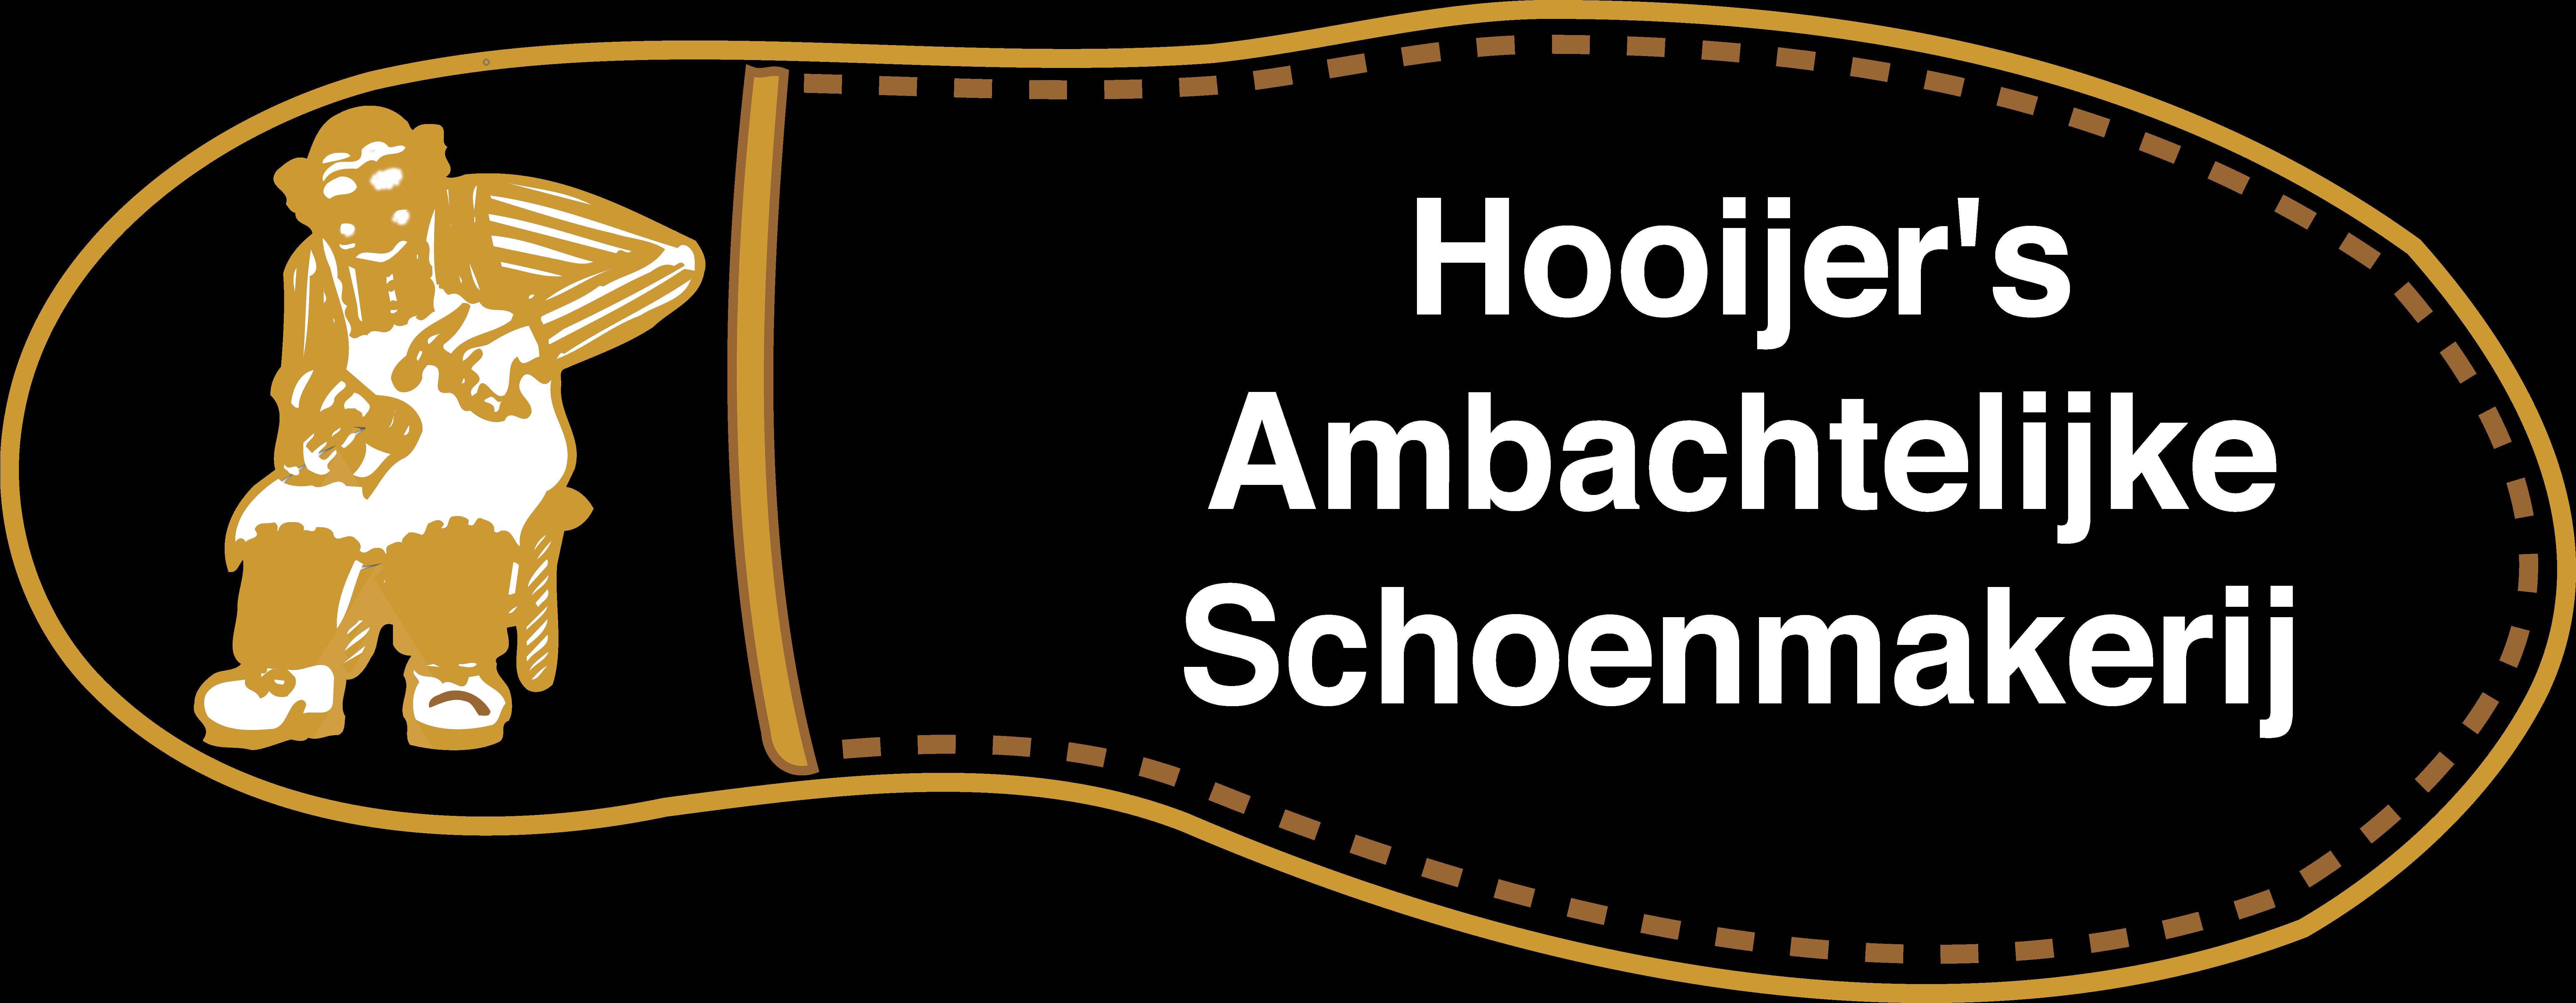 Logo Hooijer's Ambachtelijke Schoenmakerij